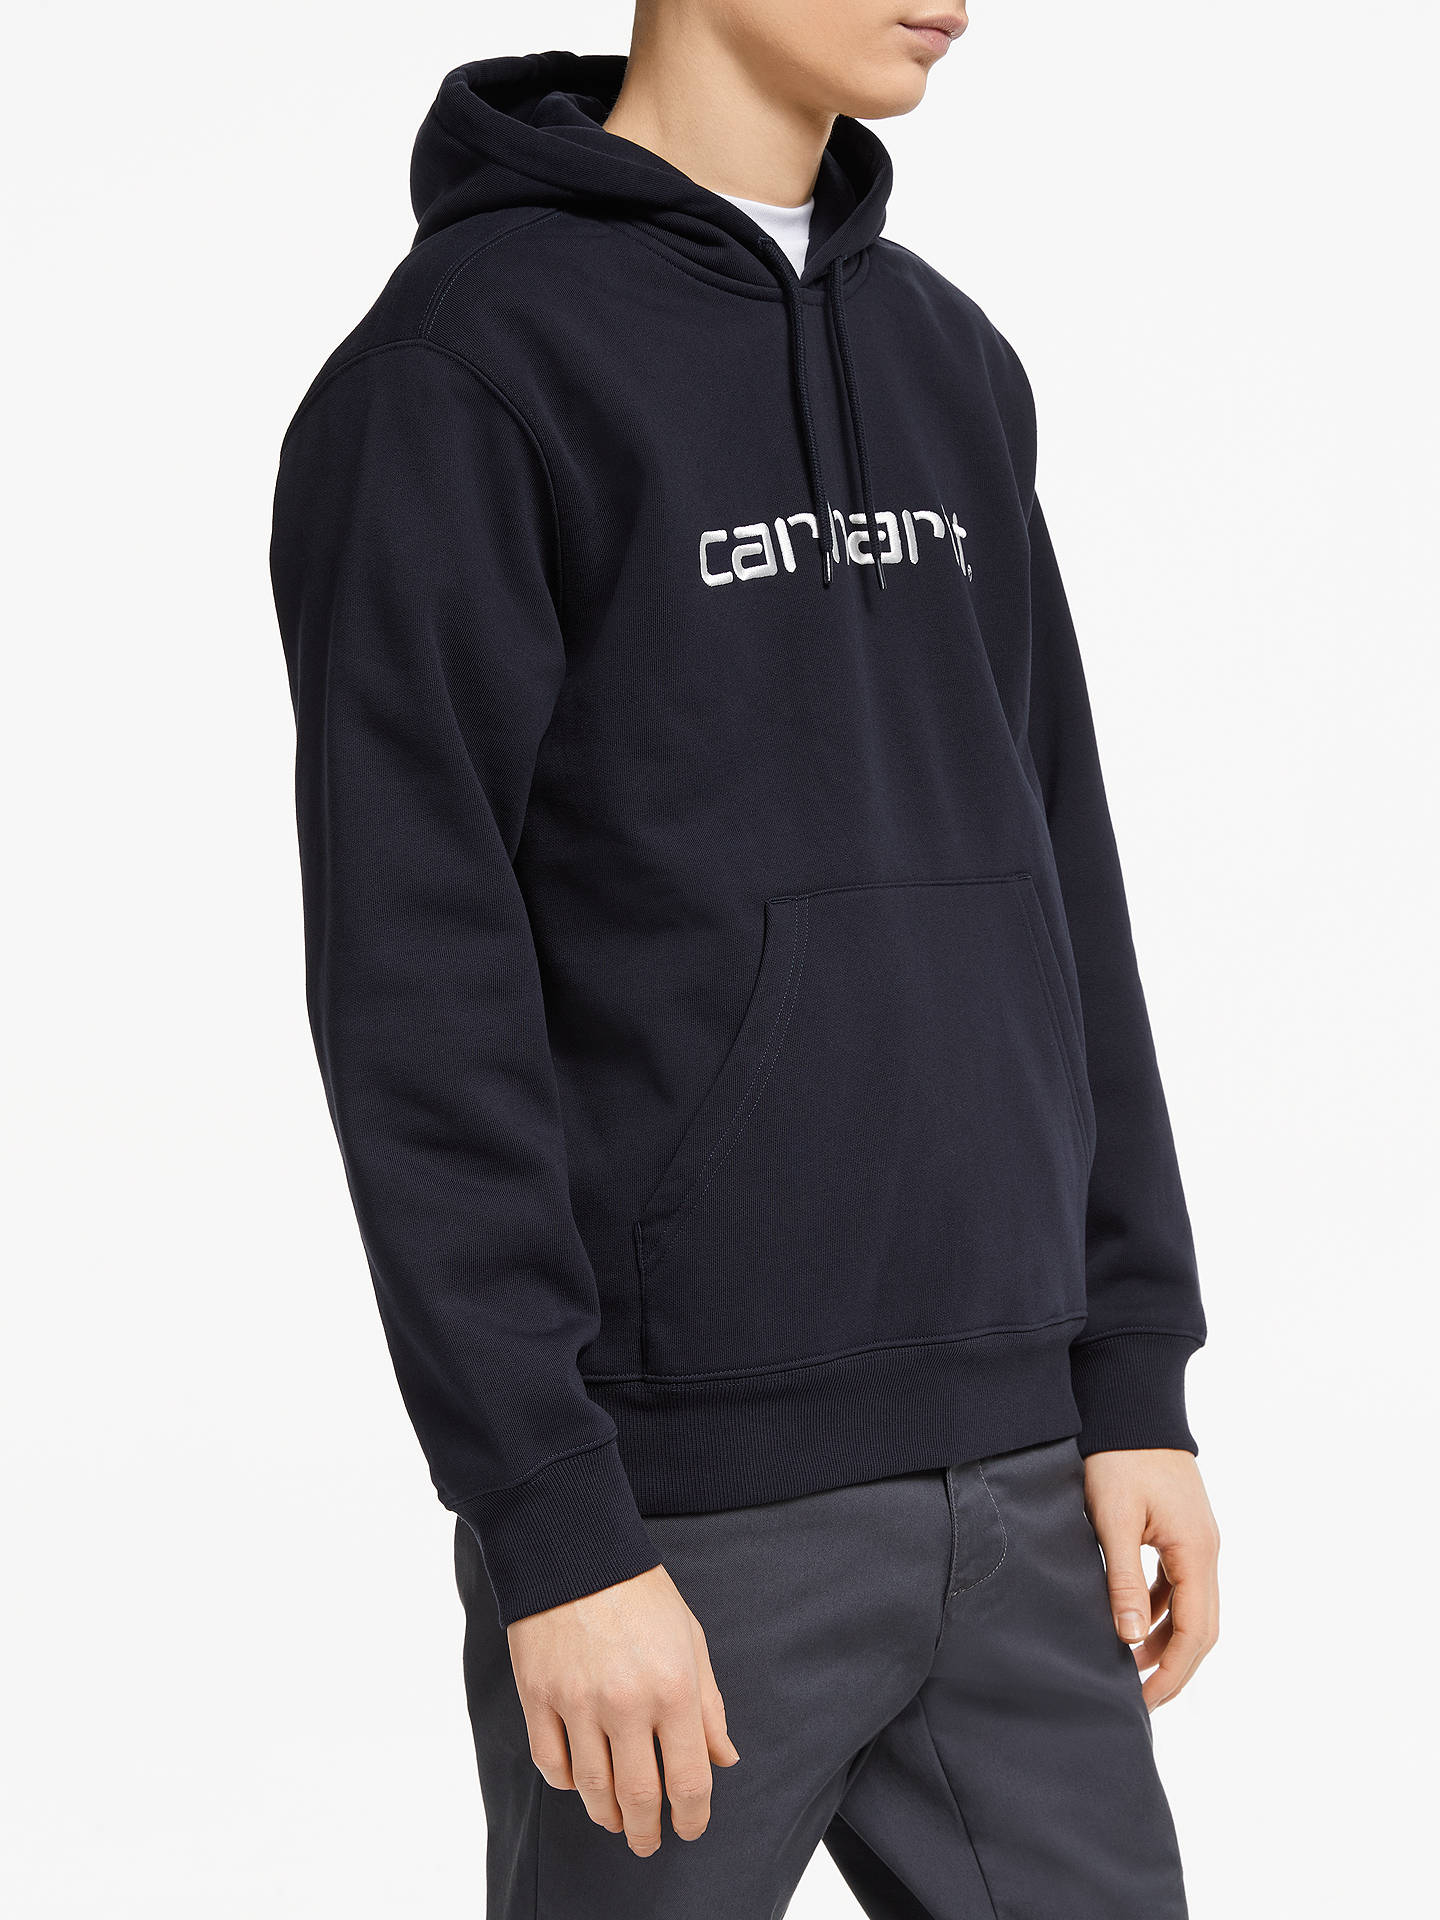 5a90566c095 ... Buy Carhartt WIP Hooded College Sweatshirt